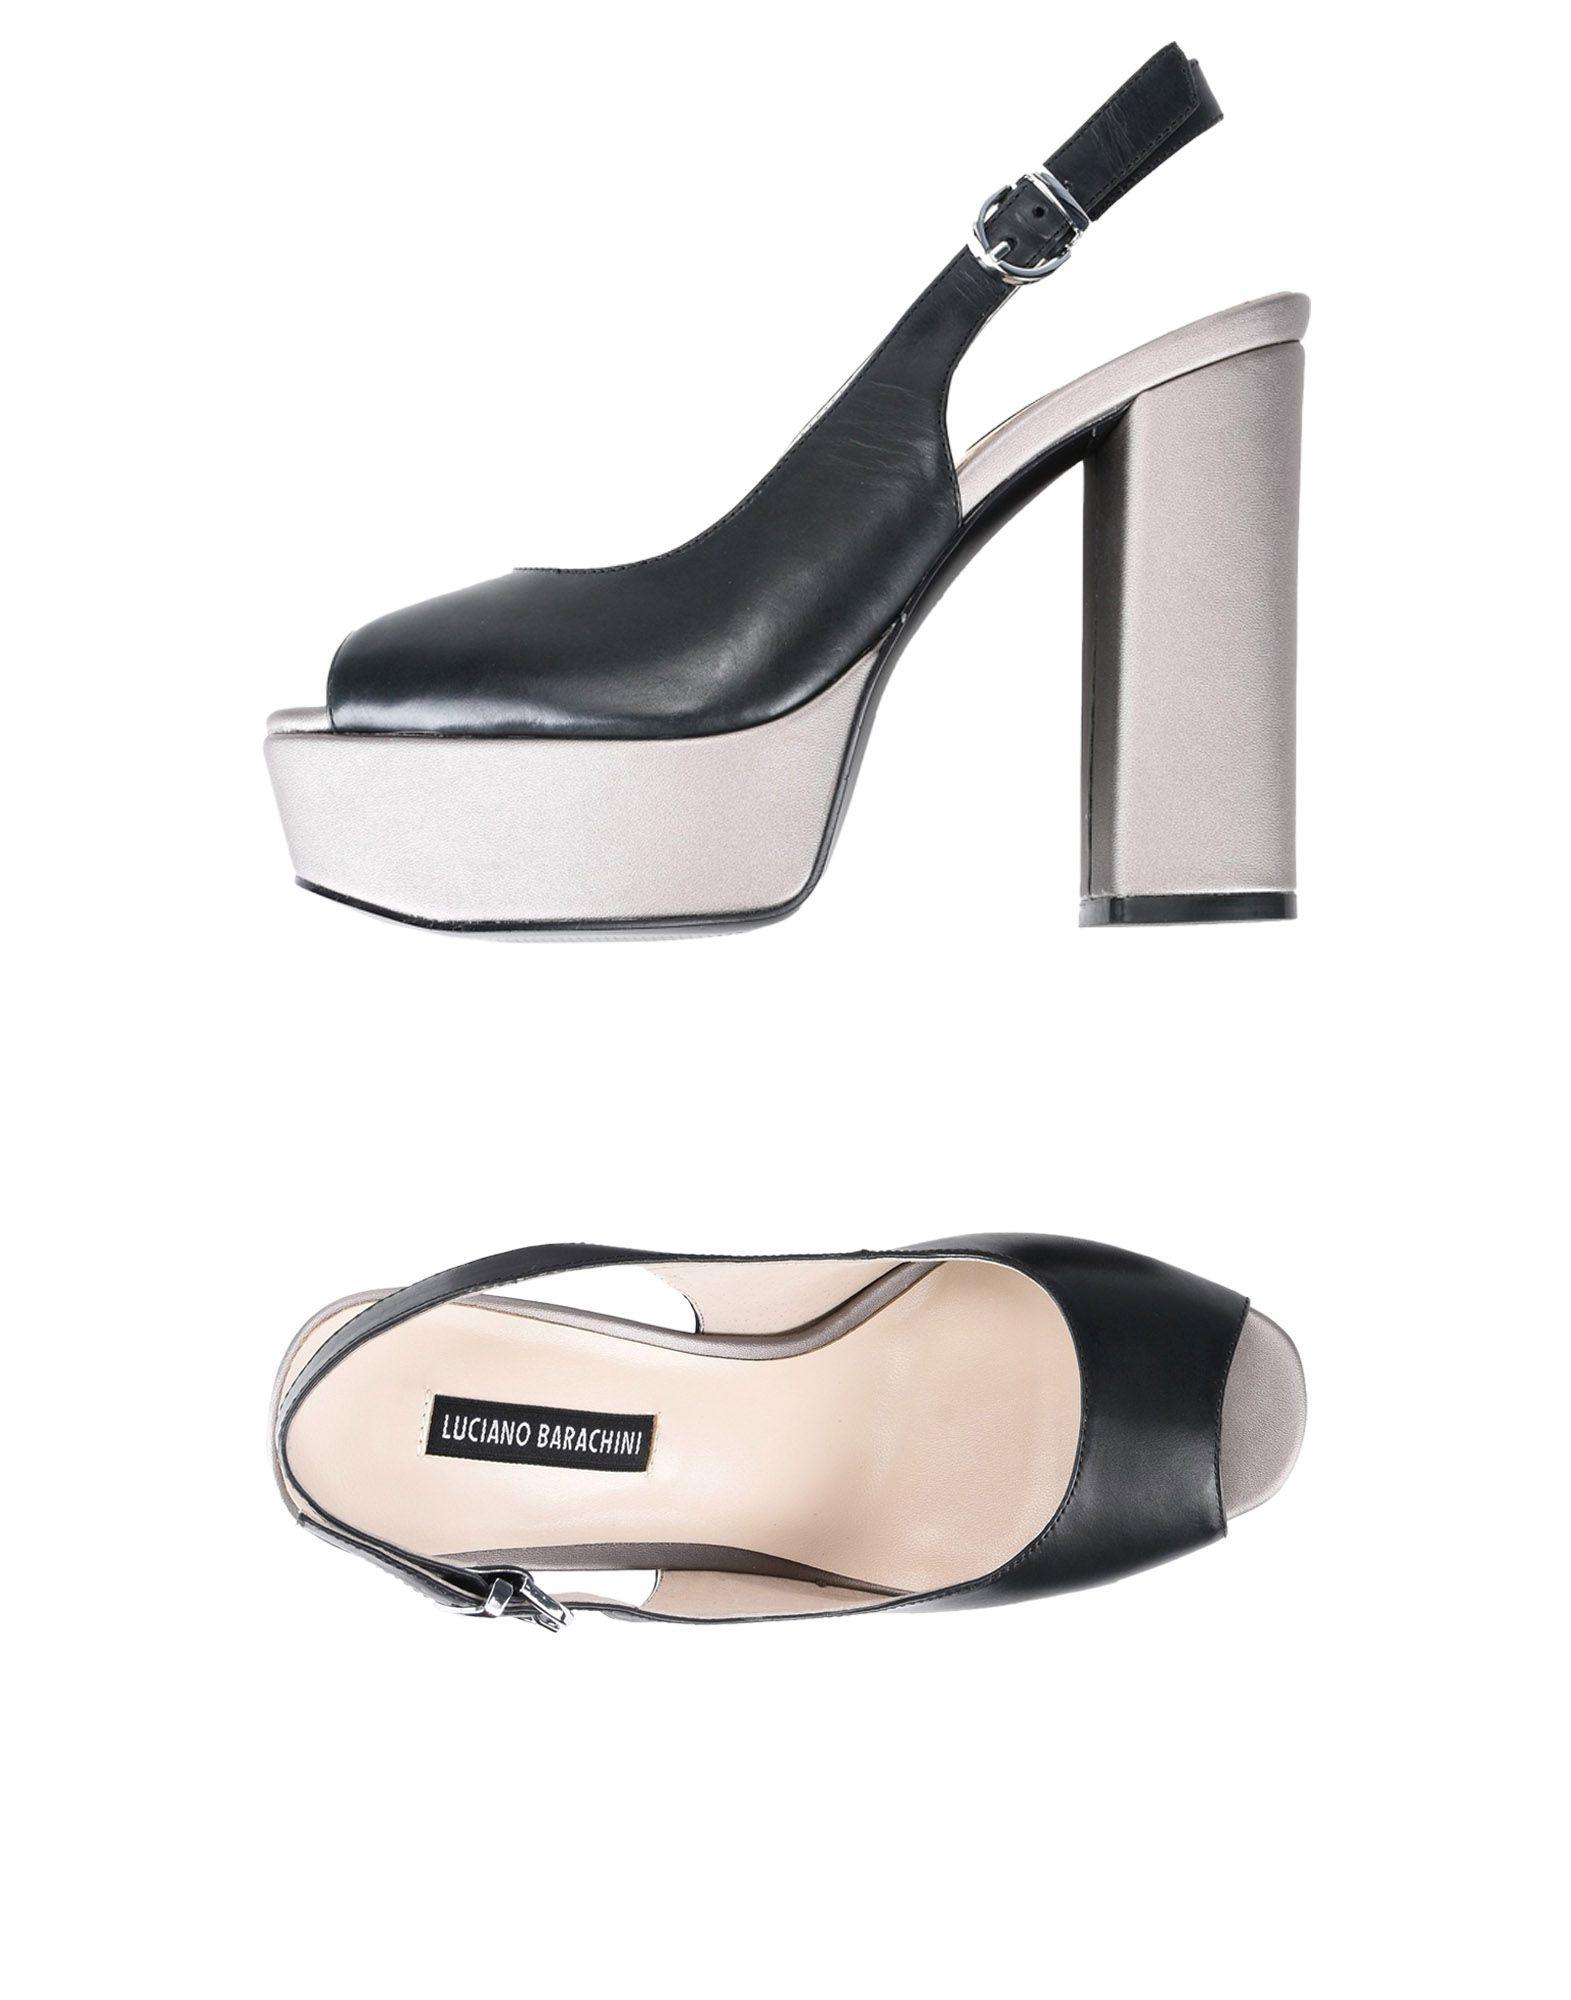 Luciano Barachini Sandalen Damen  11504753WB Gute Qualität beliebte Schuhe